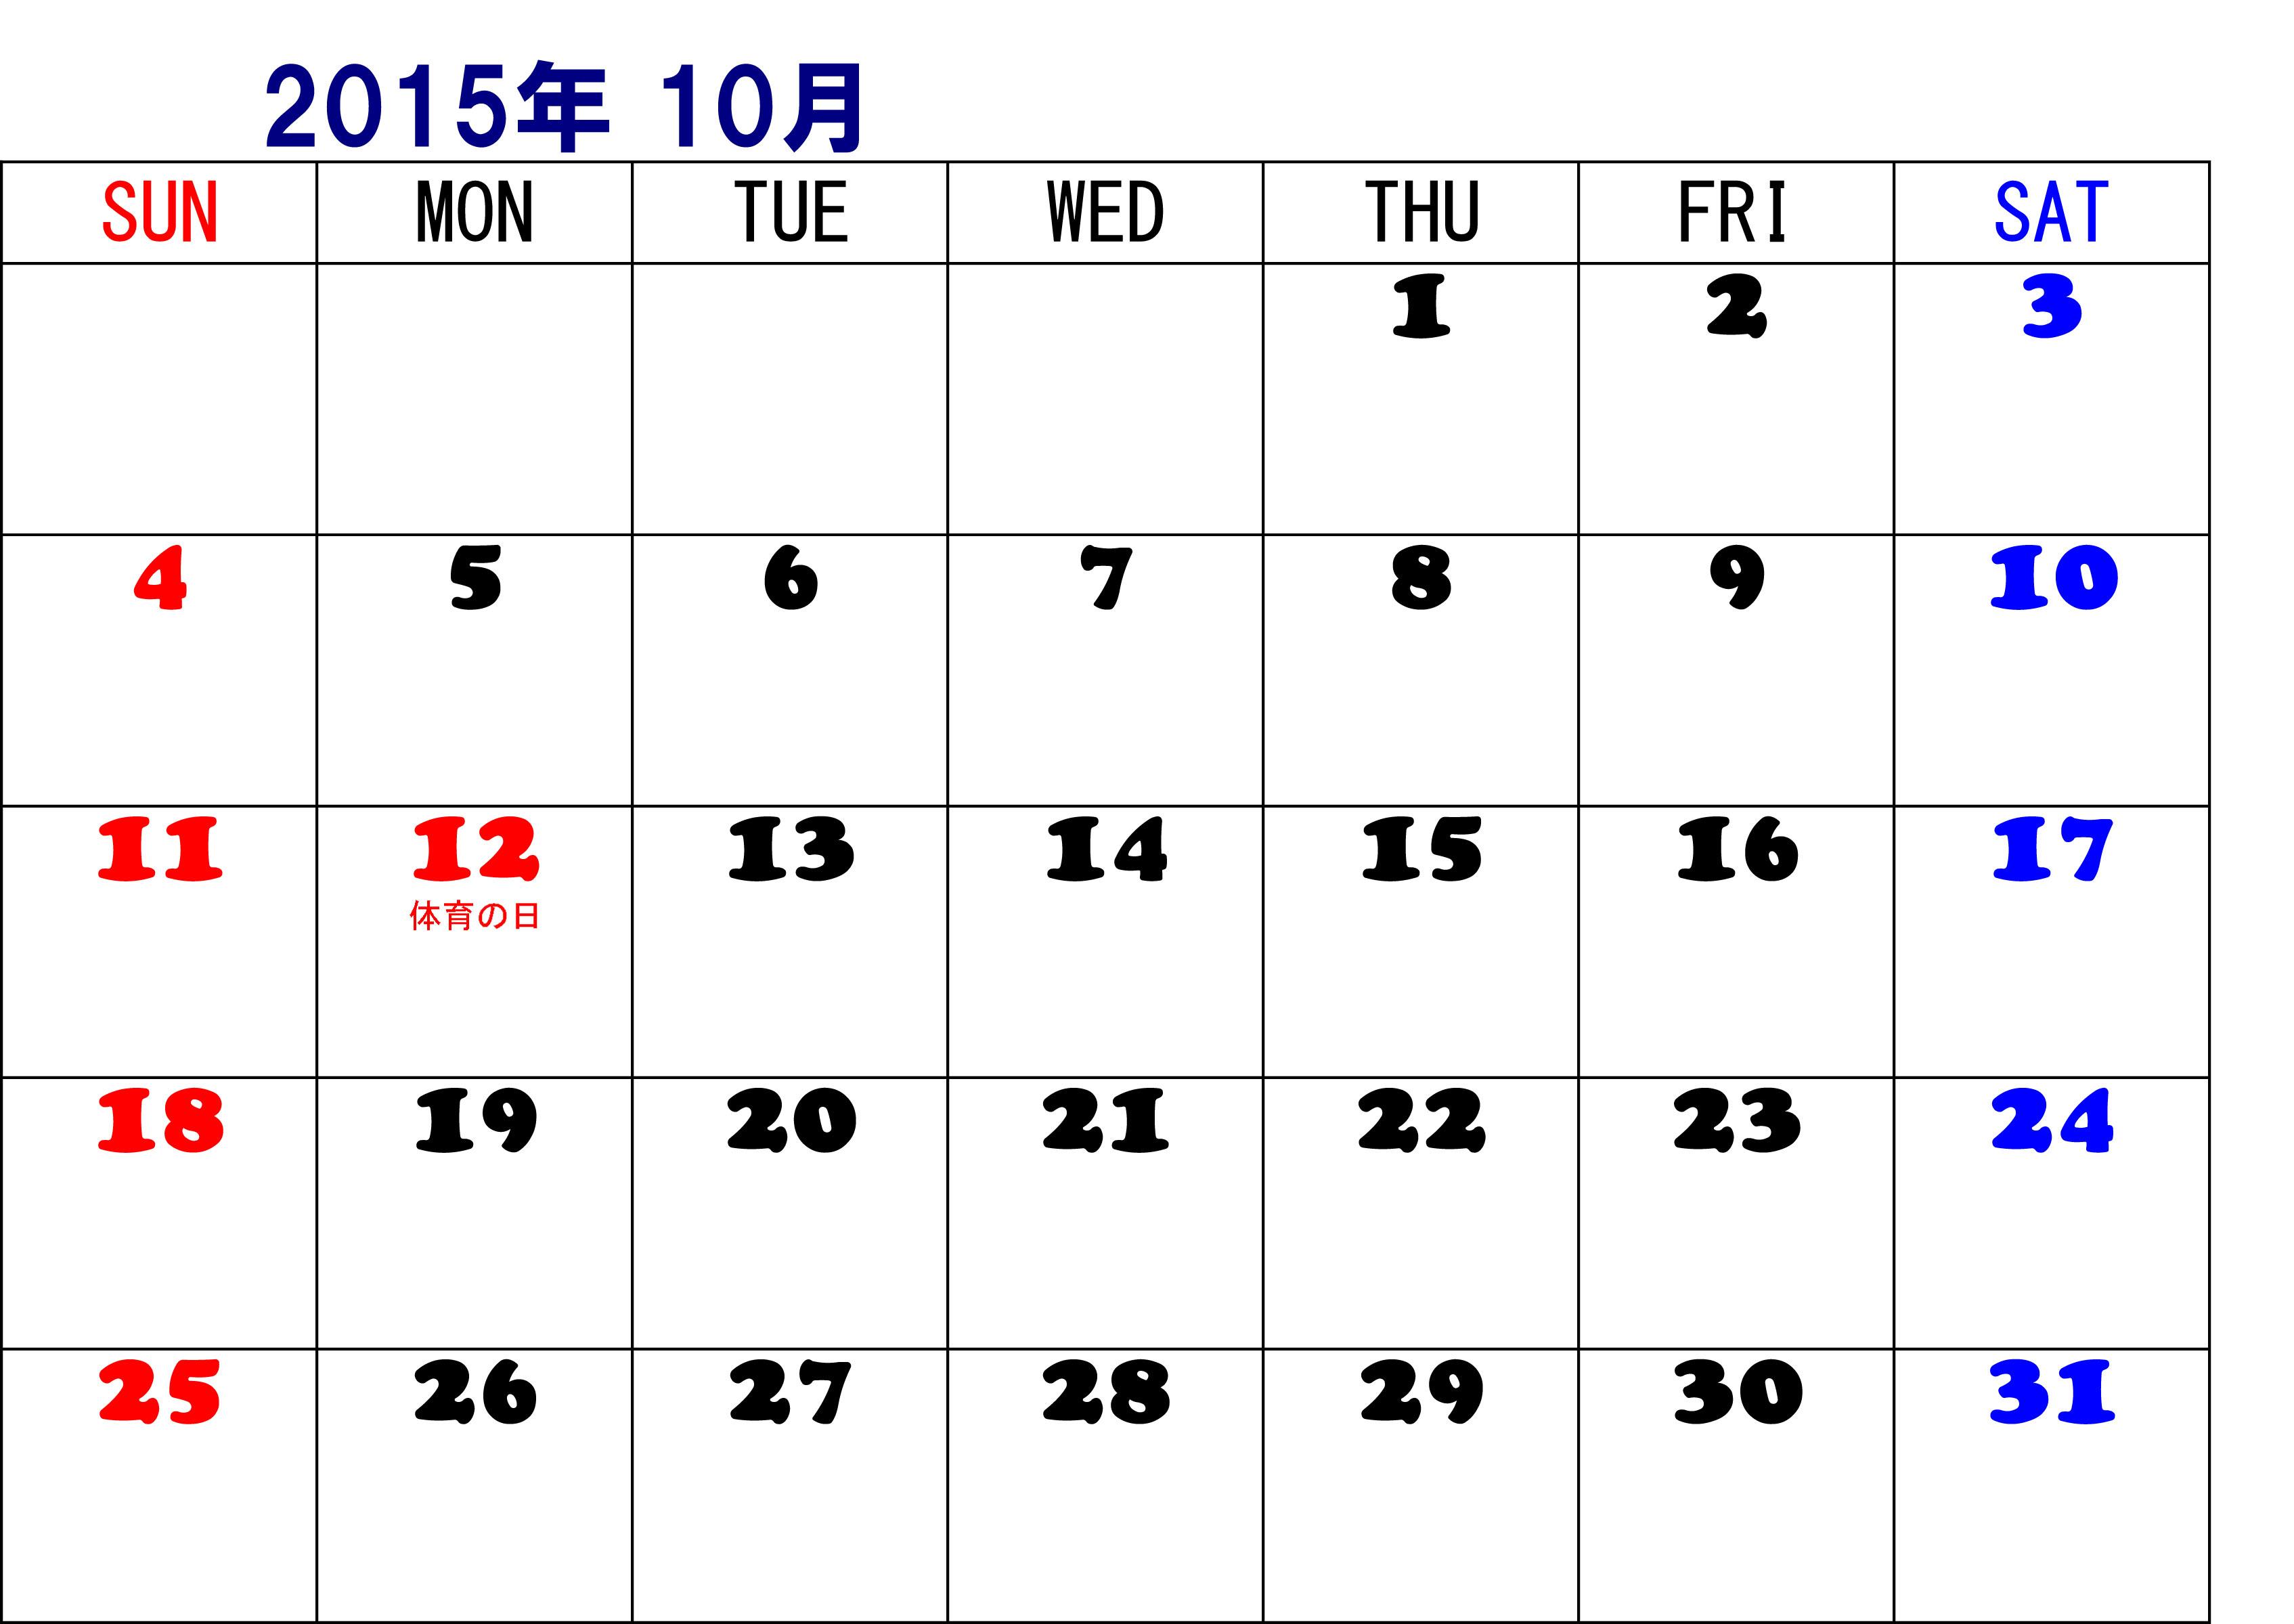 カレンダー カレンダー 2014 2015 : jpeg画像のカレンダーです